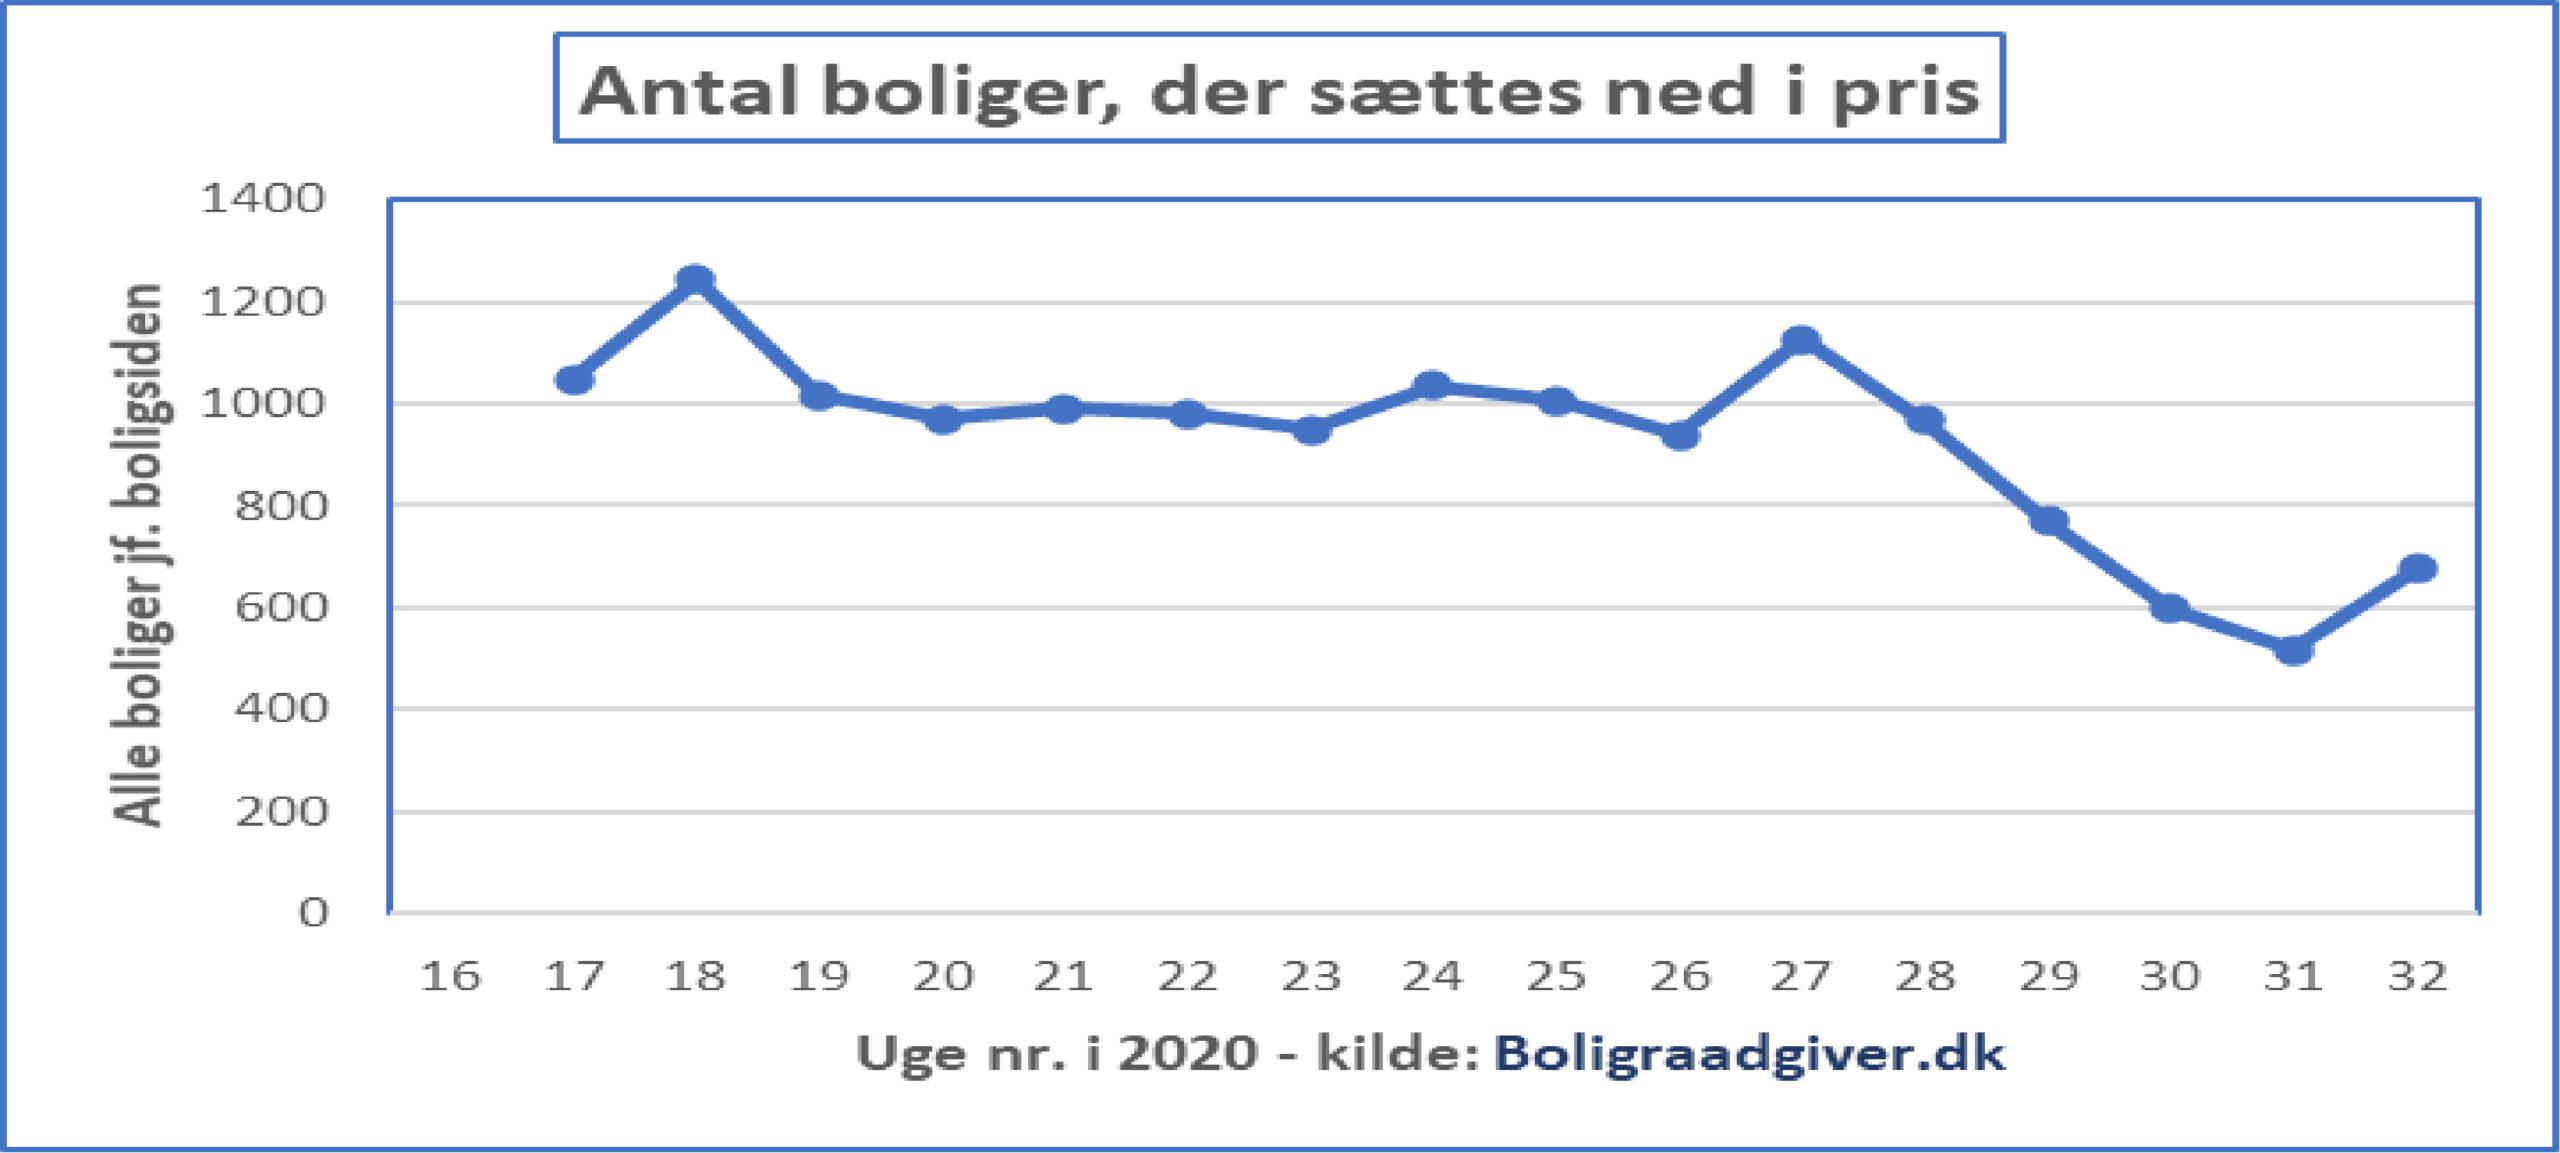 Færre boliger sættes ned i pris